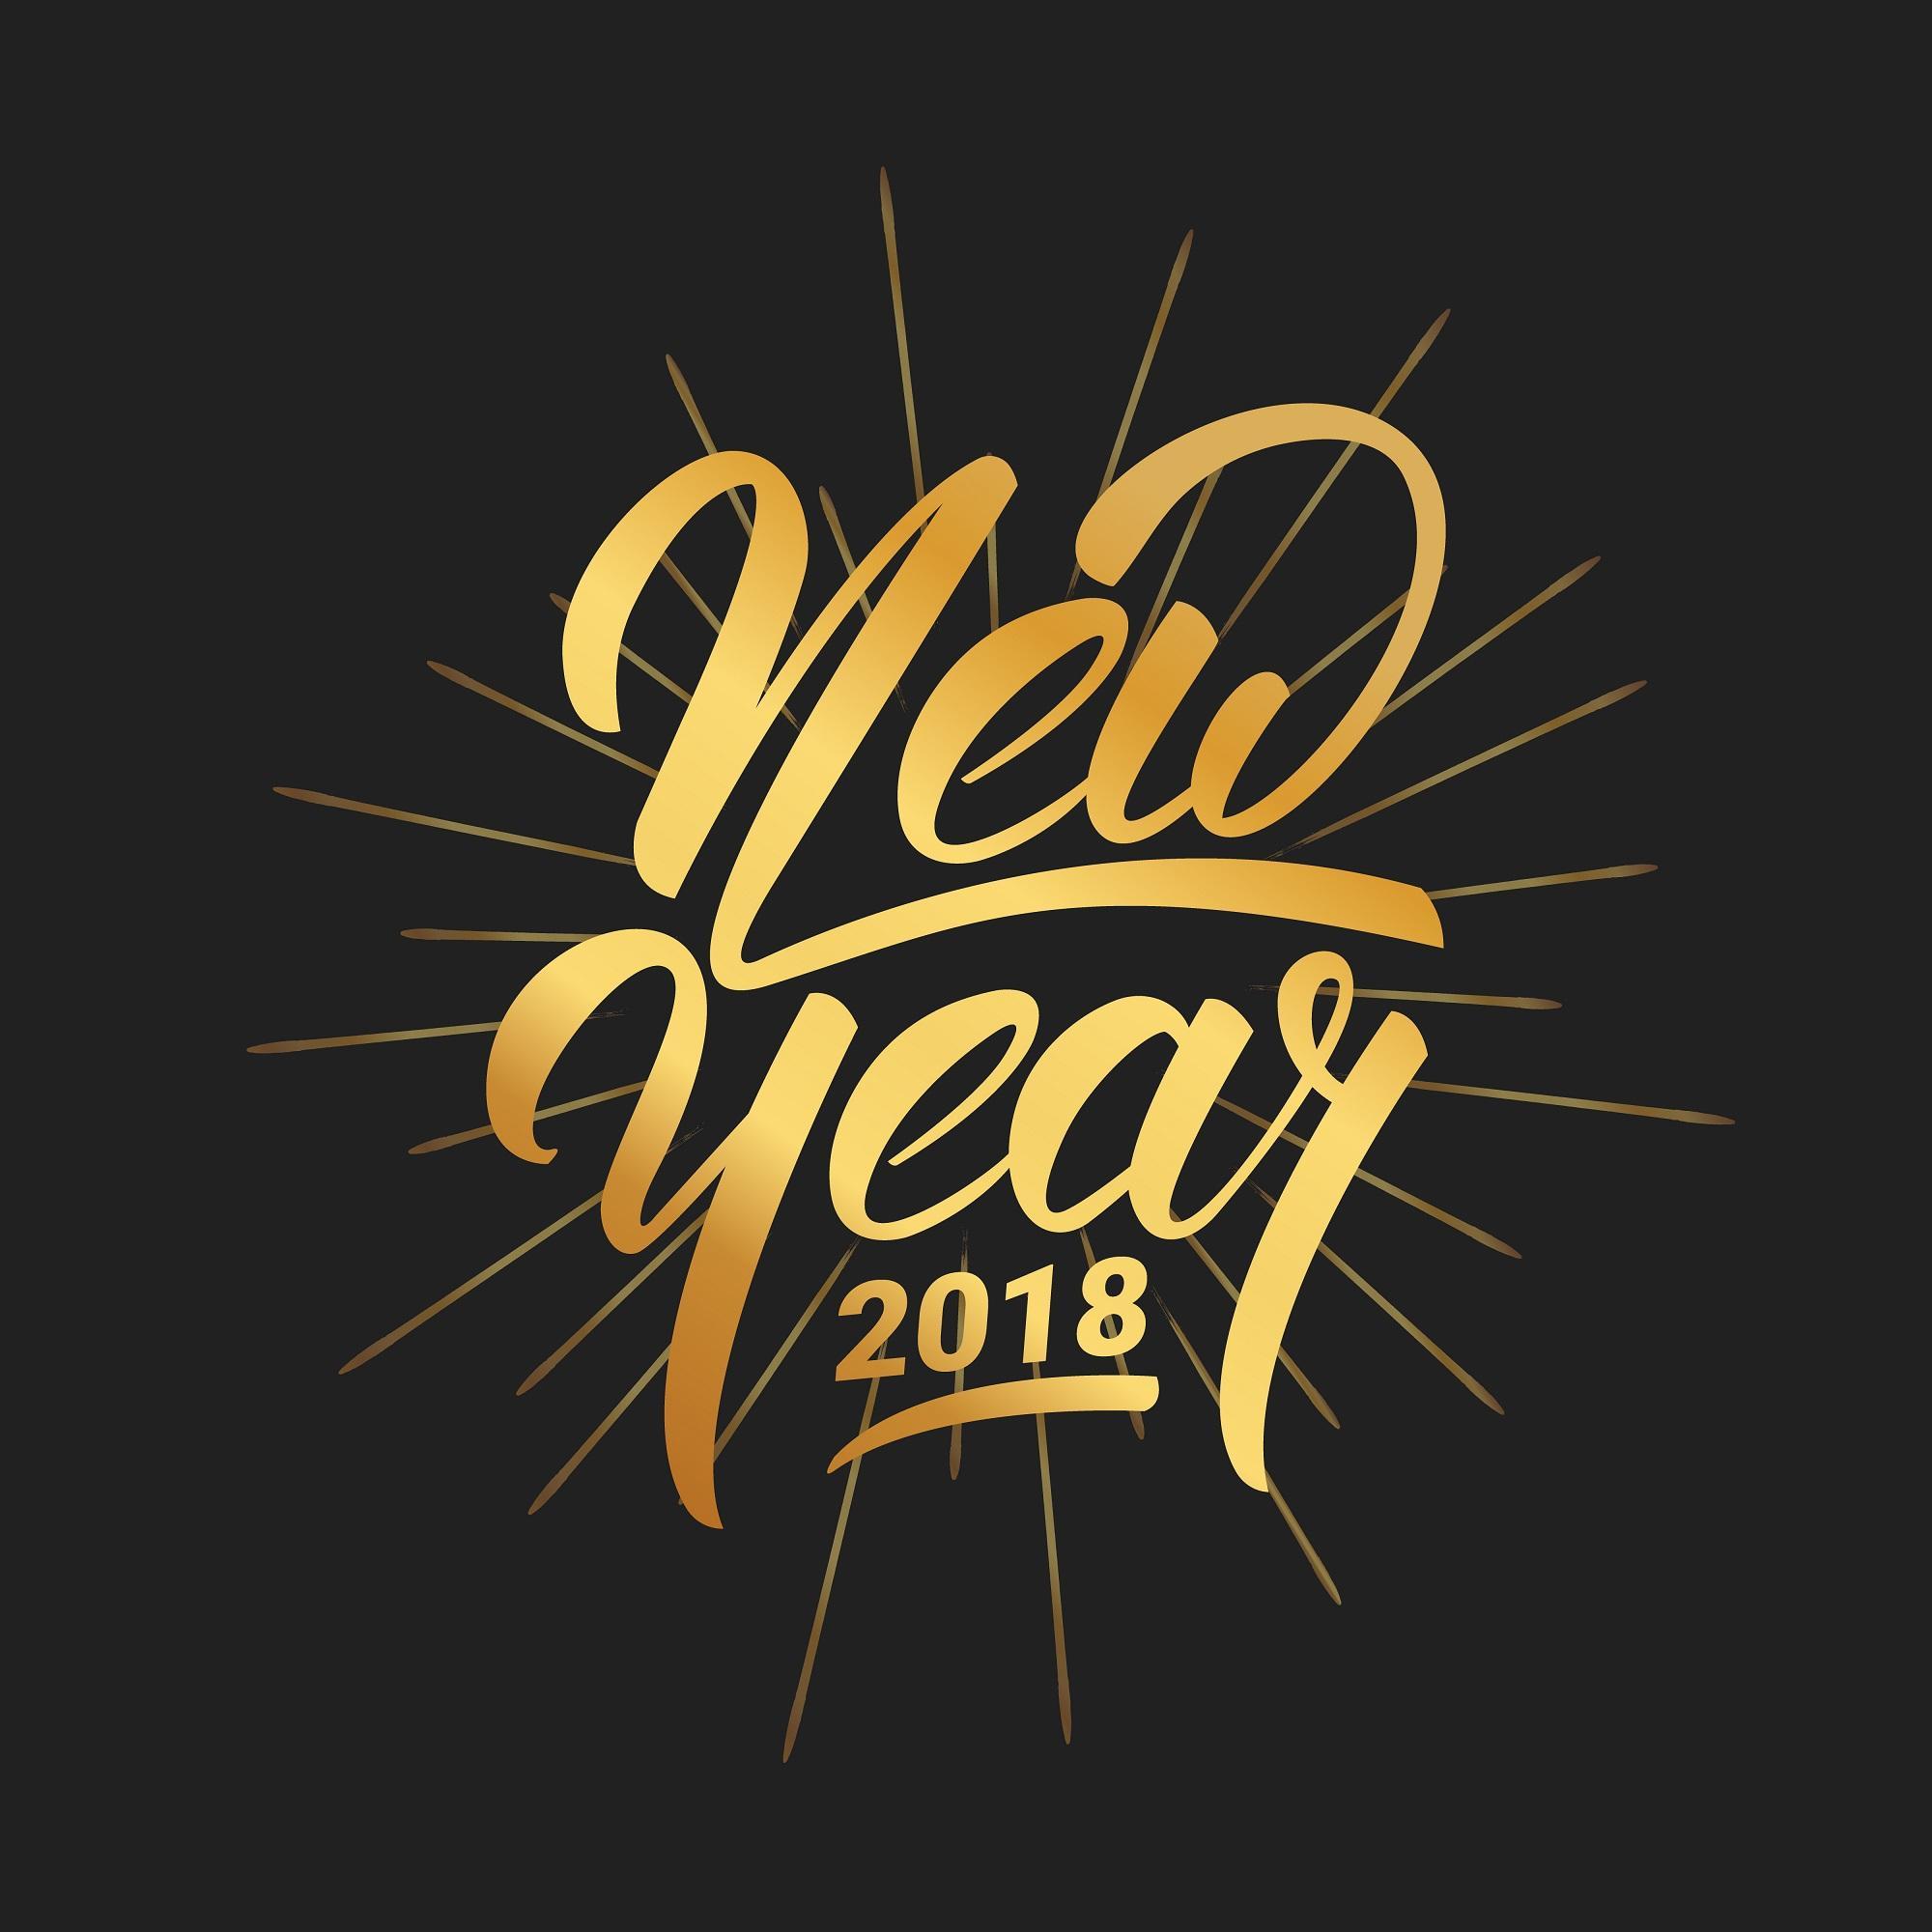 Philadelphia New Years Eve 2018